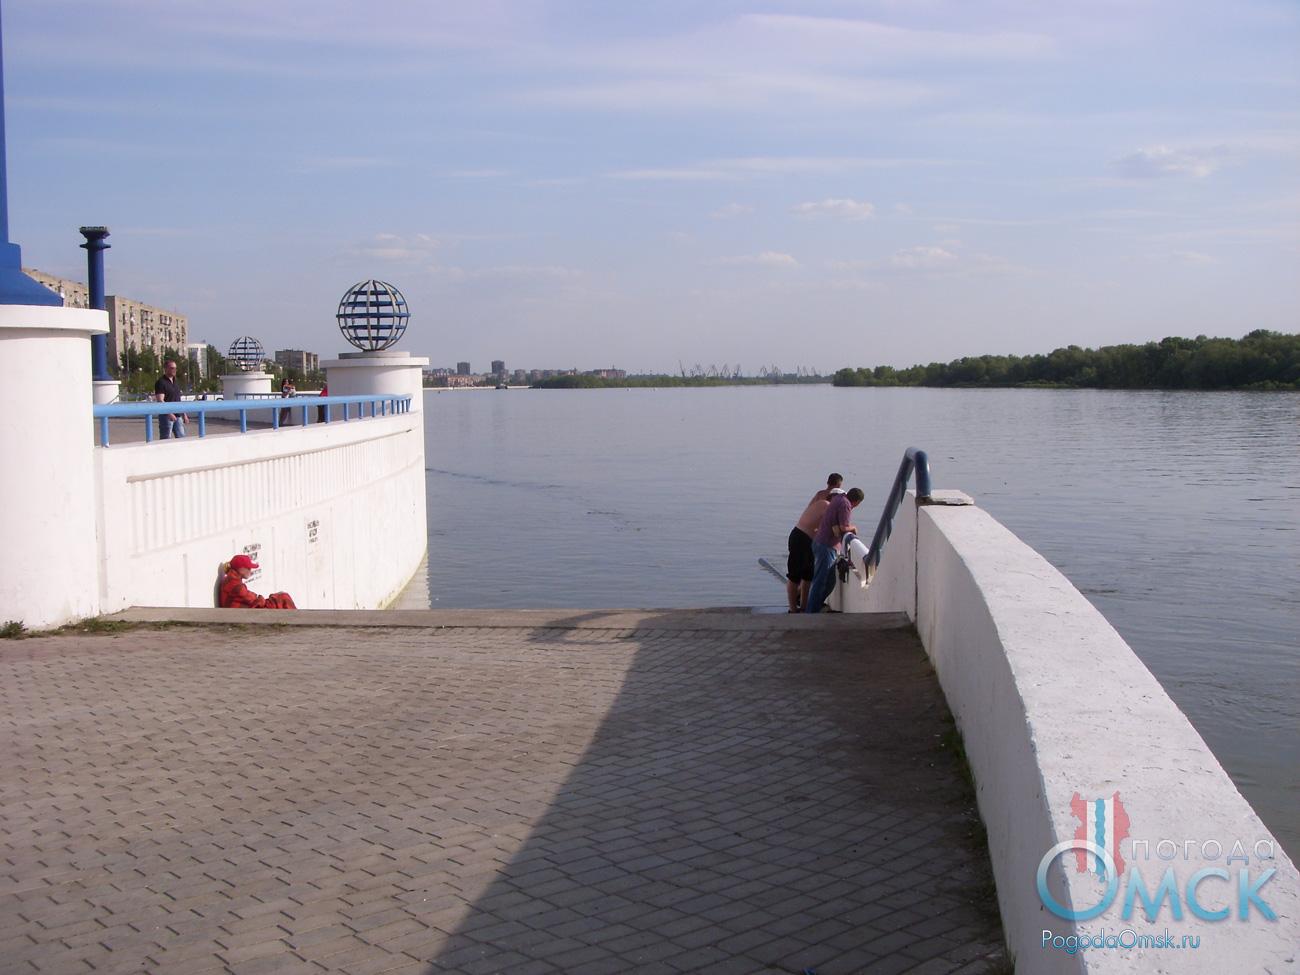 Высший уровень воды на Иртыше в Омске в 2016 году